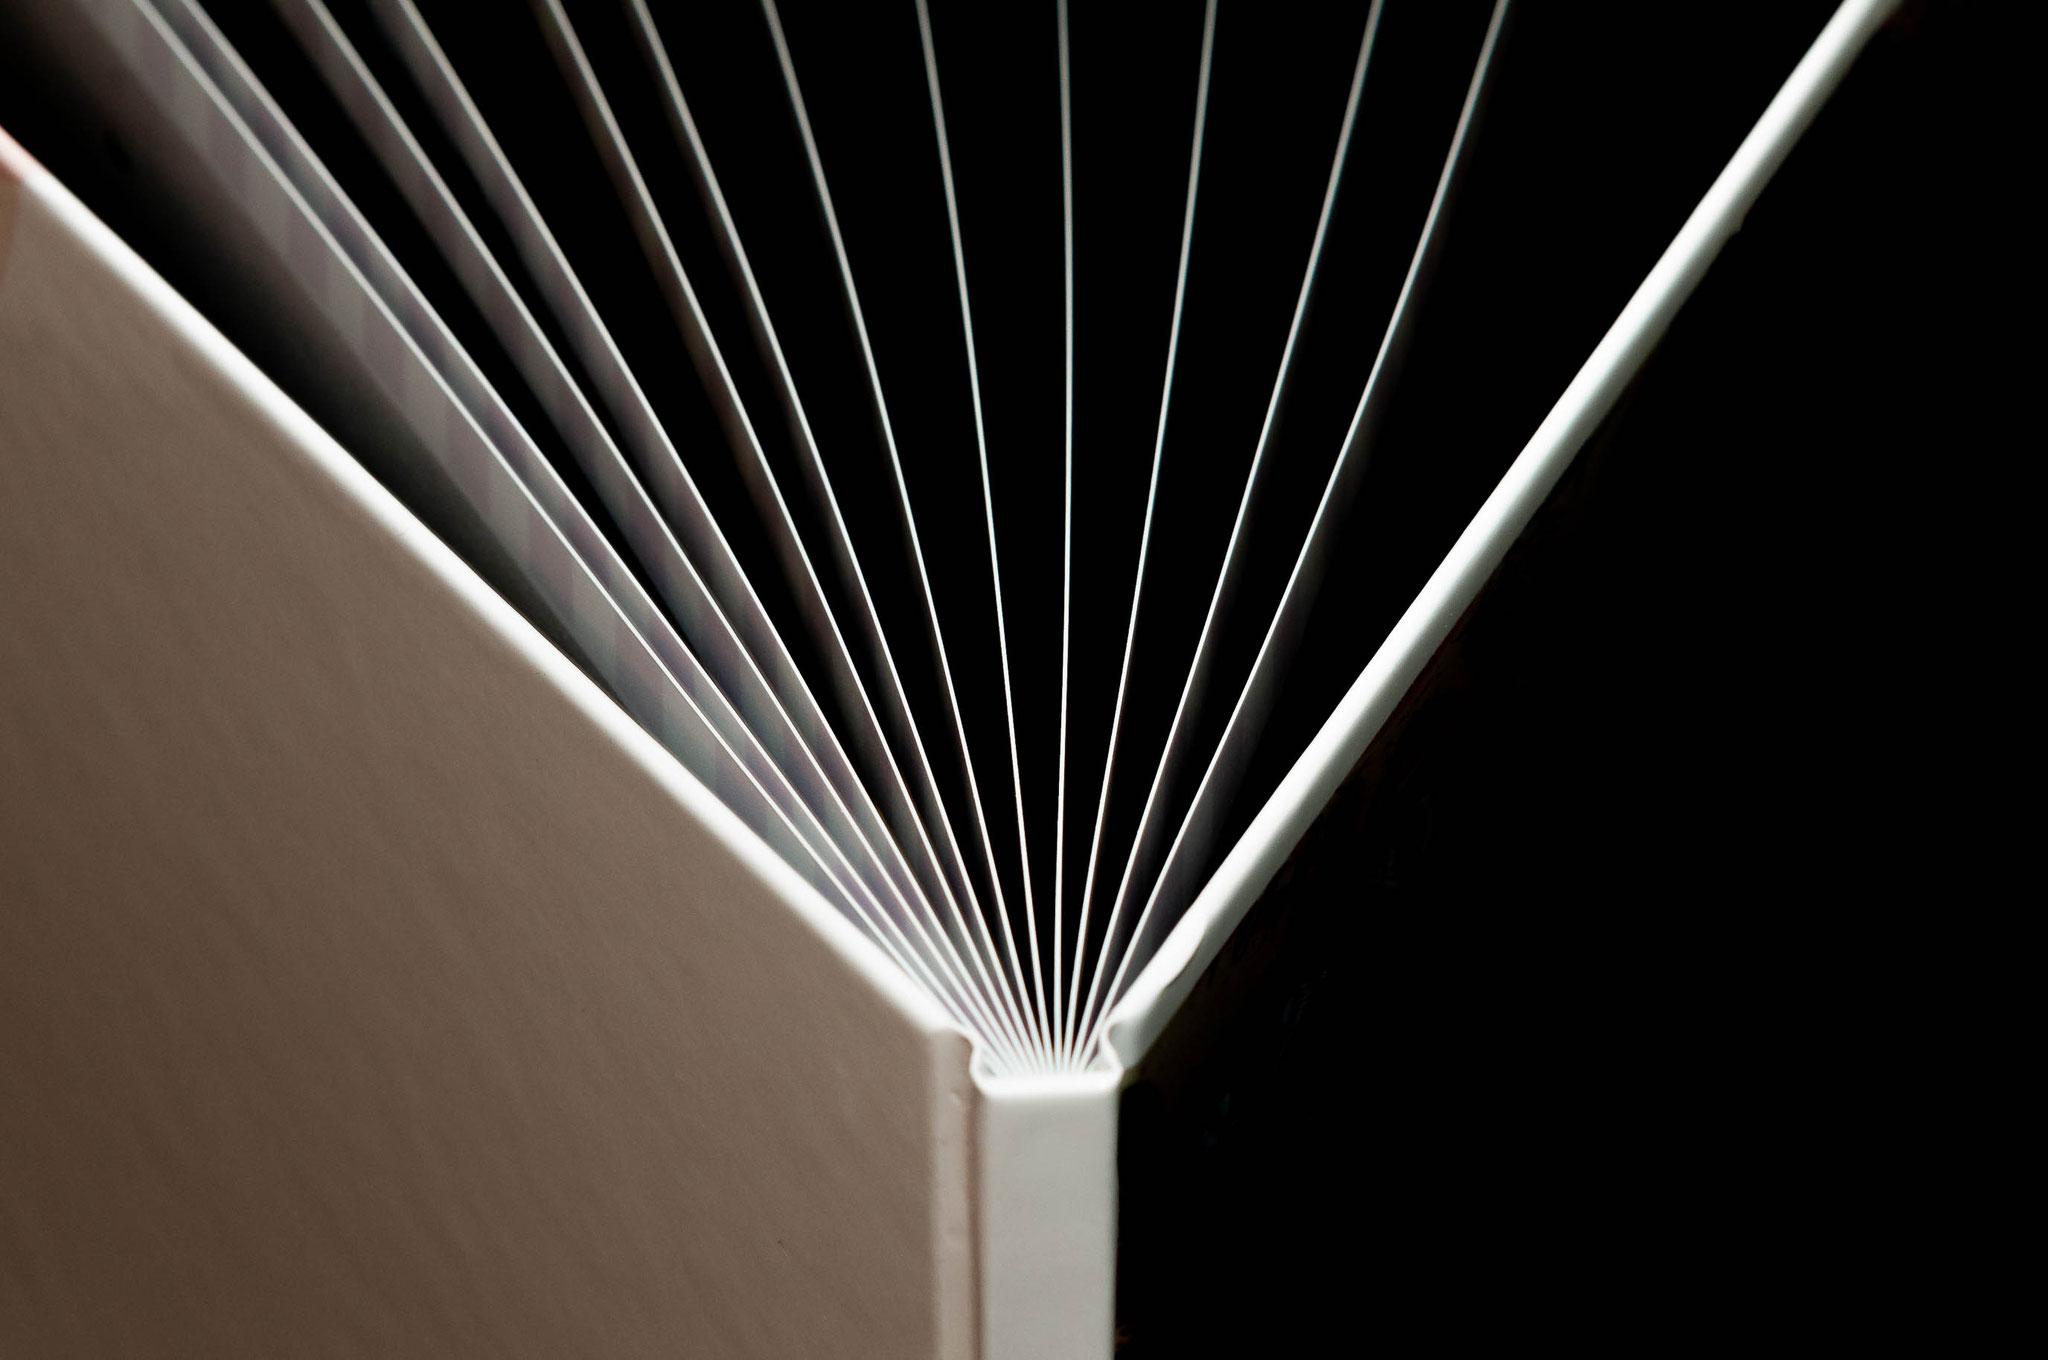 Hardcover Fotobuch mit glattem Übergang gedruckt auf hochwertigem Papier